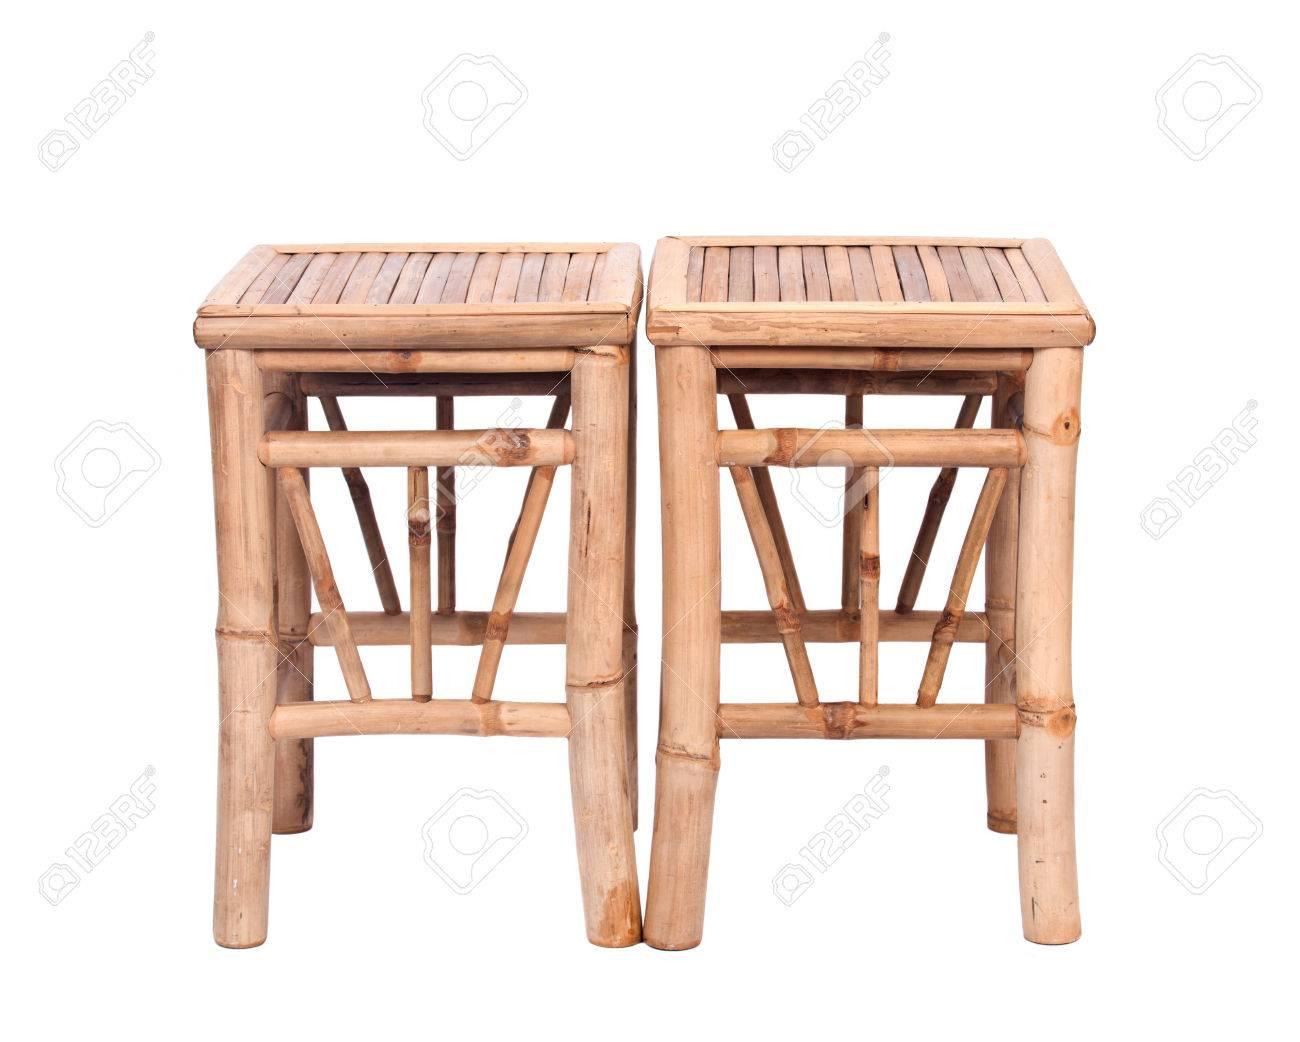 fancy bambus-stuhl auf weißem hintergrund getrennt lizenzfreie fotos